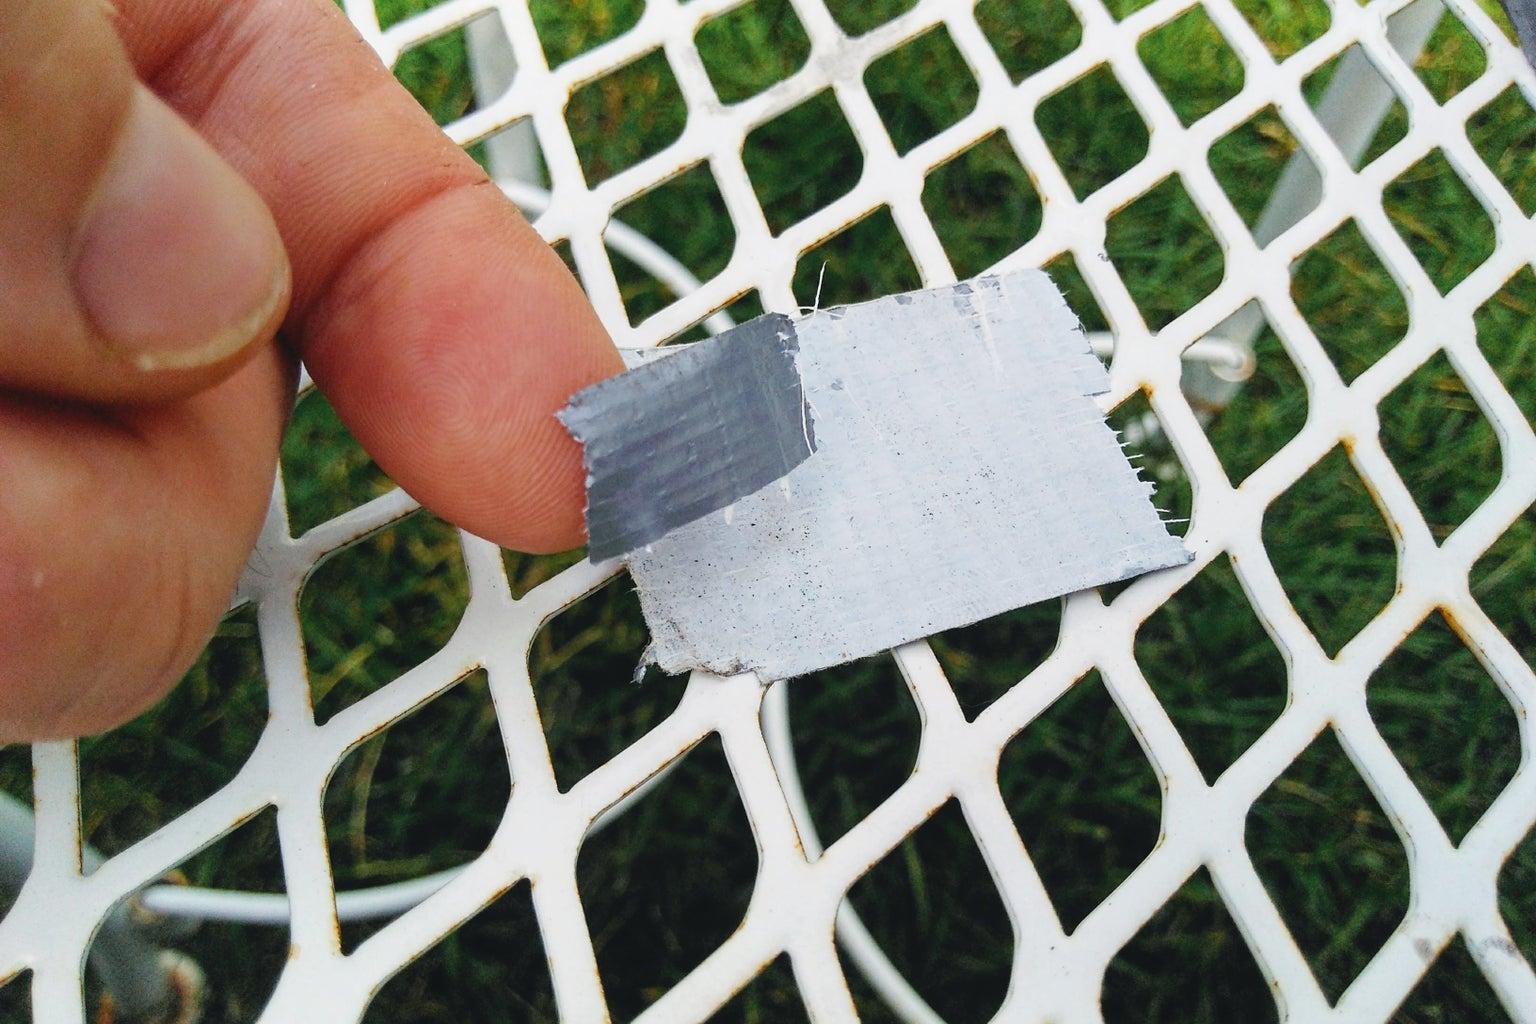 Bandage Preparation - Creating Bandage